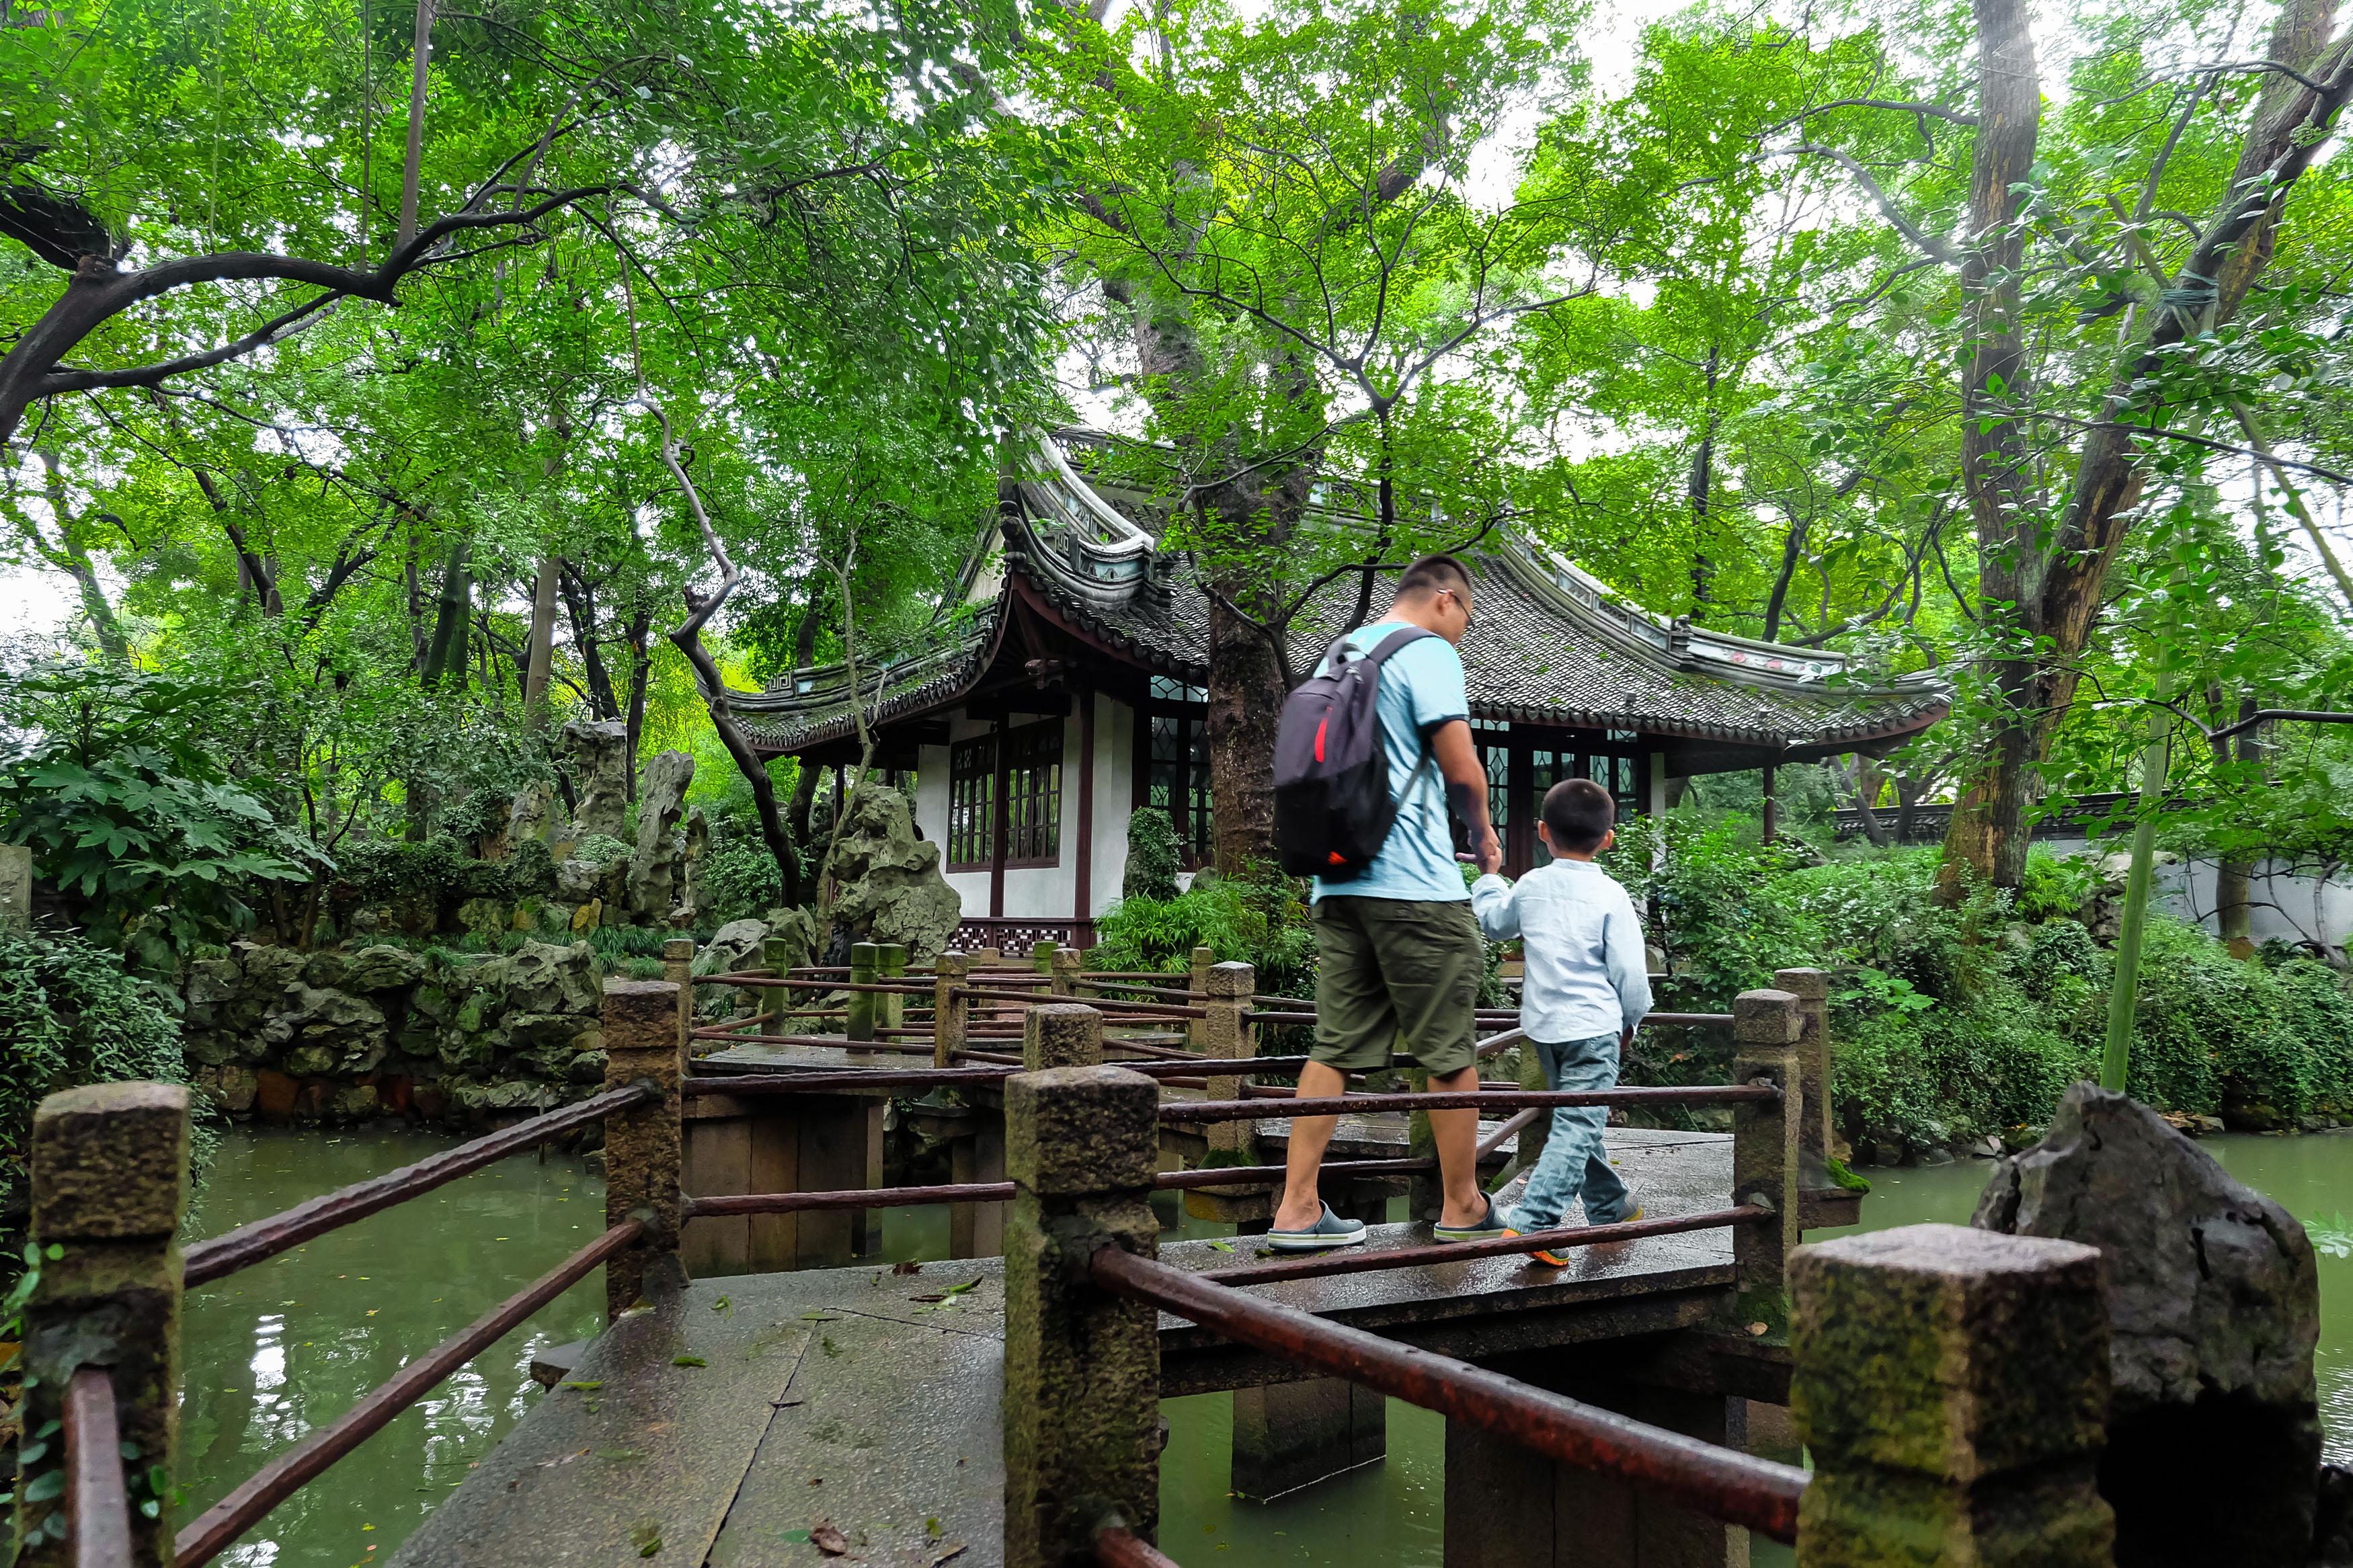 雨后漫步绮园,感受江南园林的静谧 - 潘昶永 - 往事并不如烟